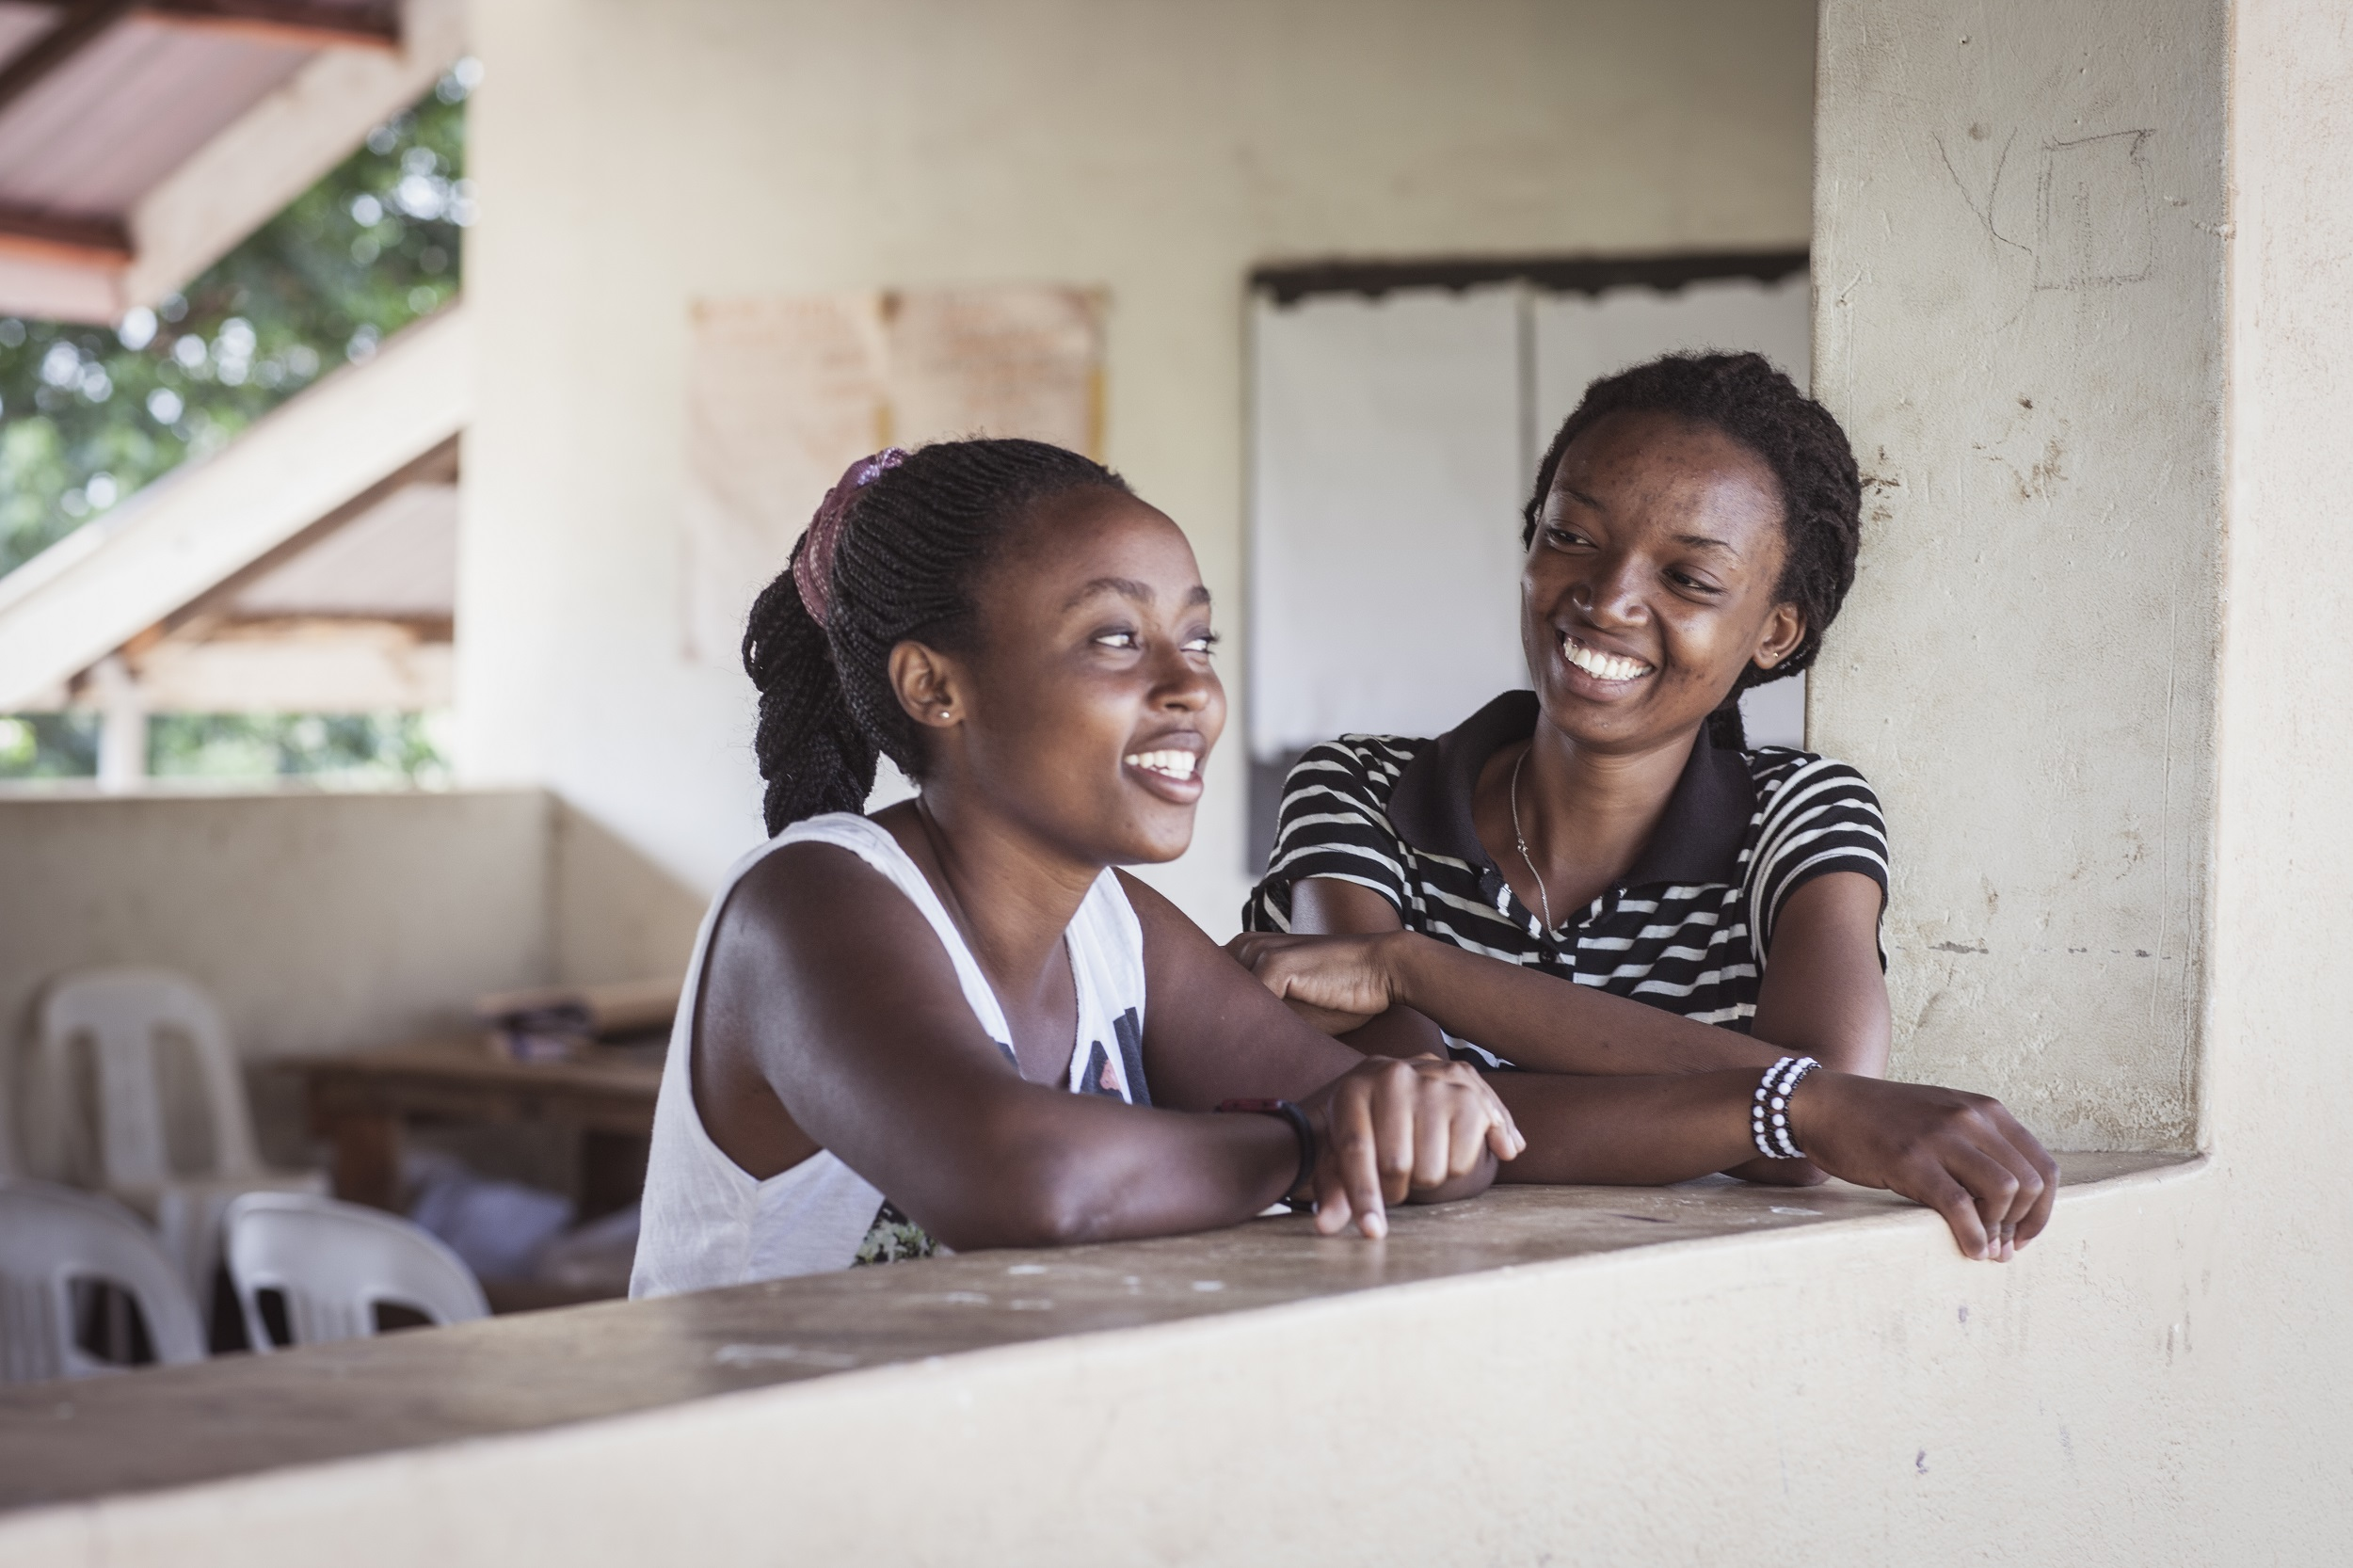 Kaksi naista nojaa ikkunanpuitteeseen ja nauraa